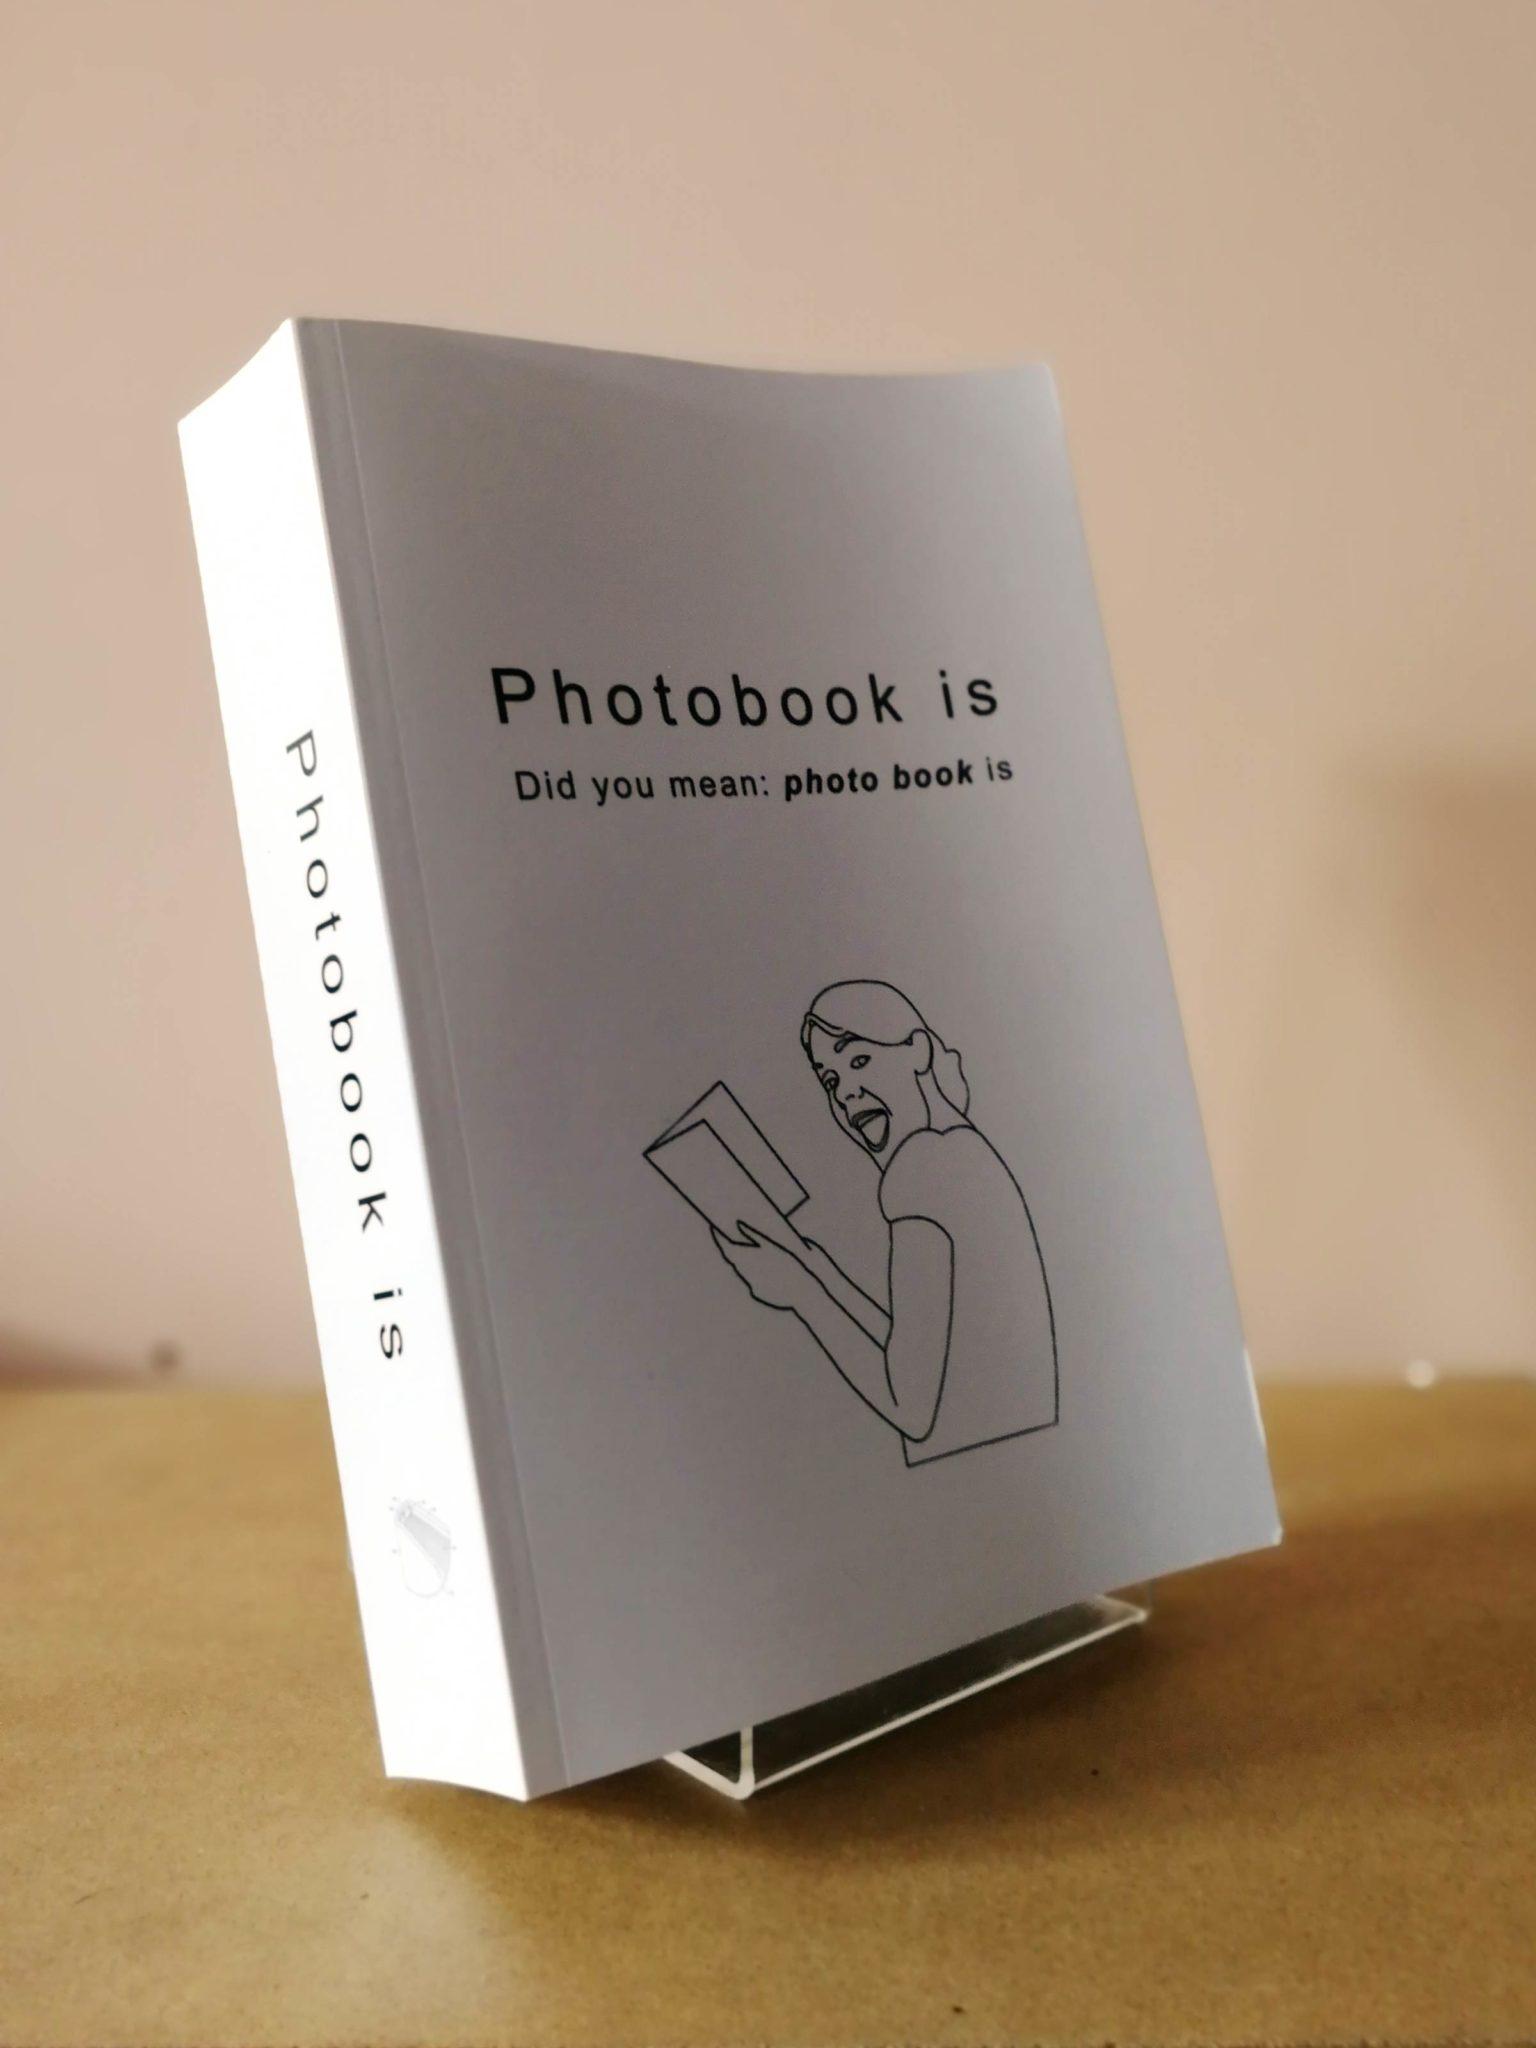 msdm-photobook-is-05